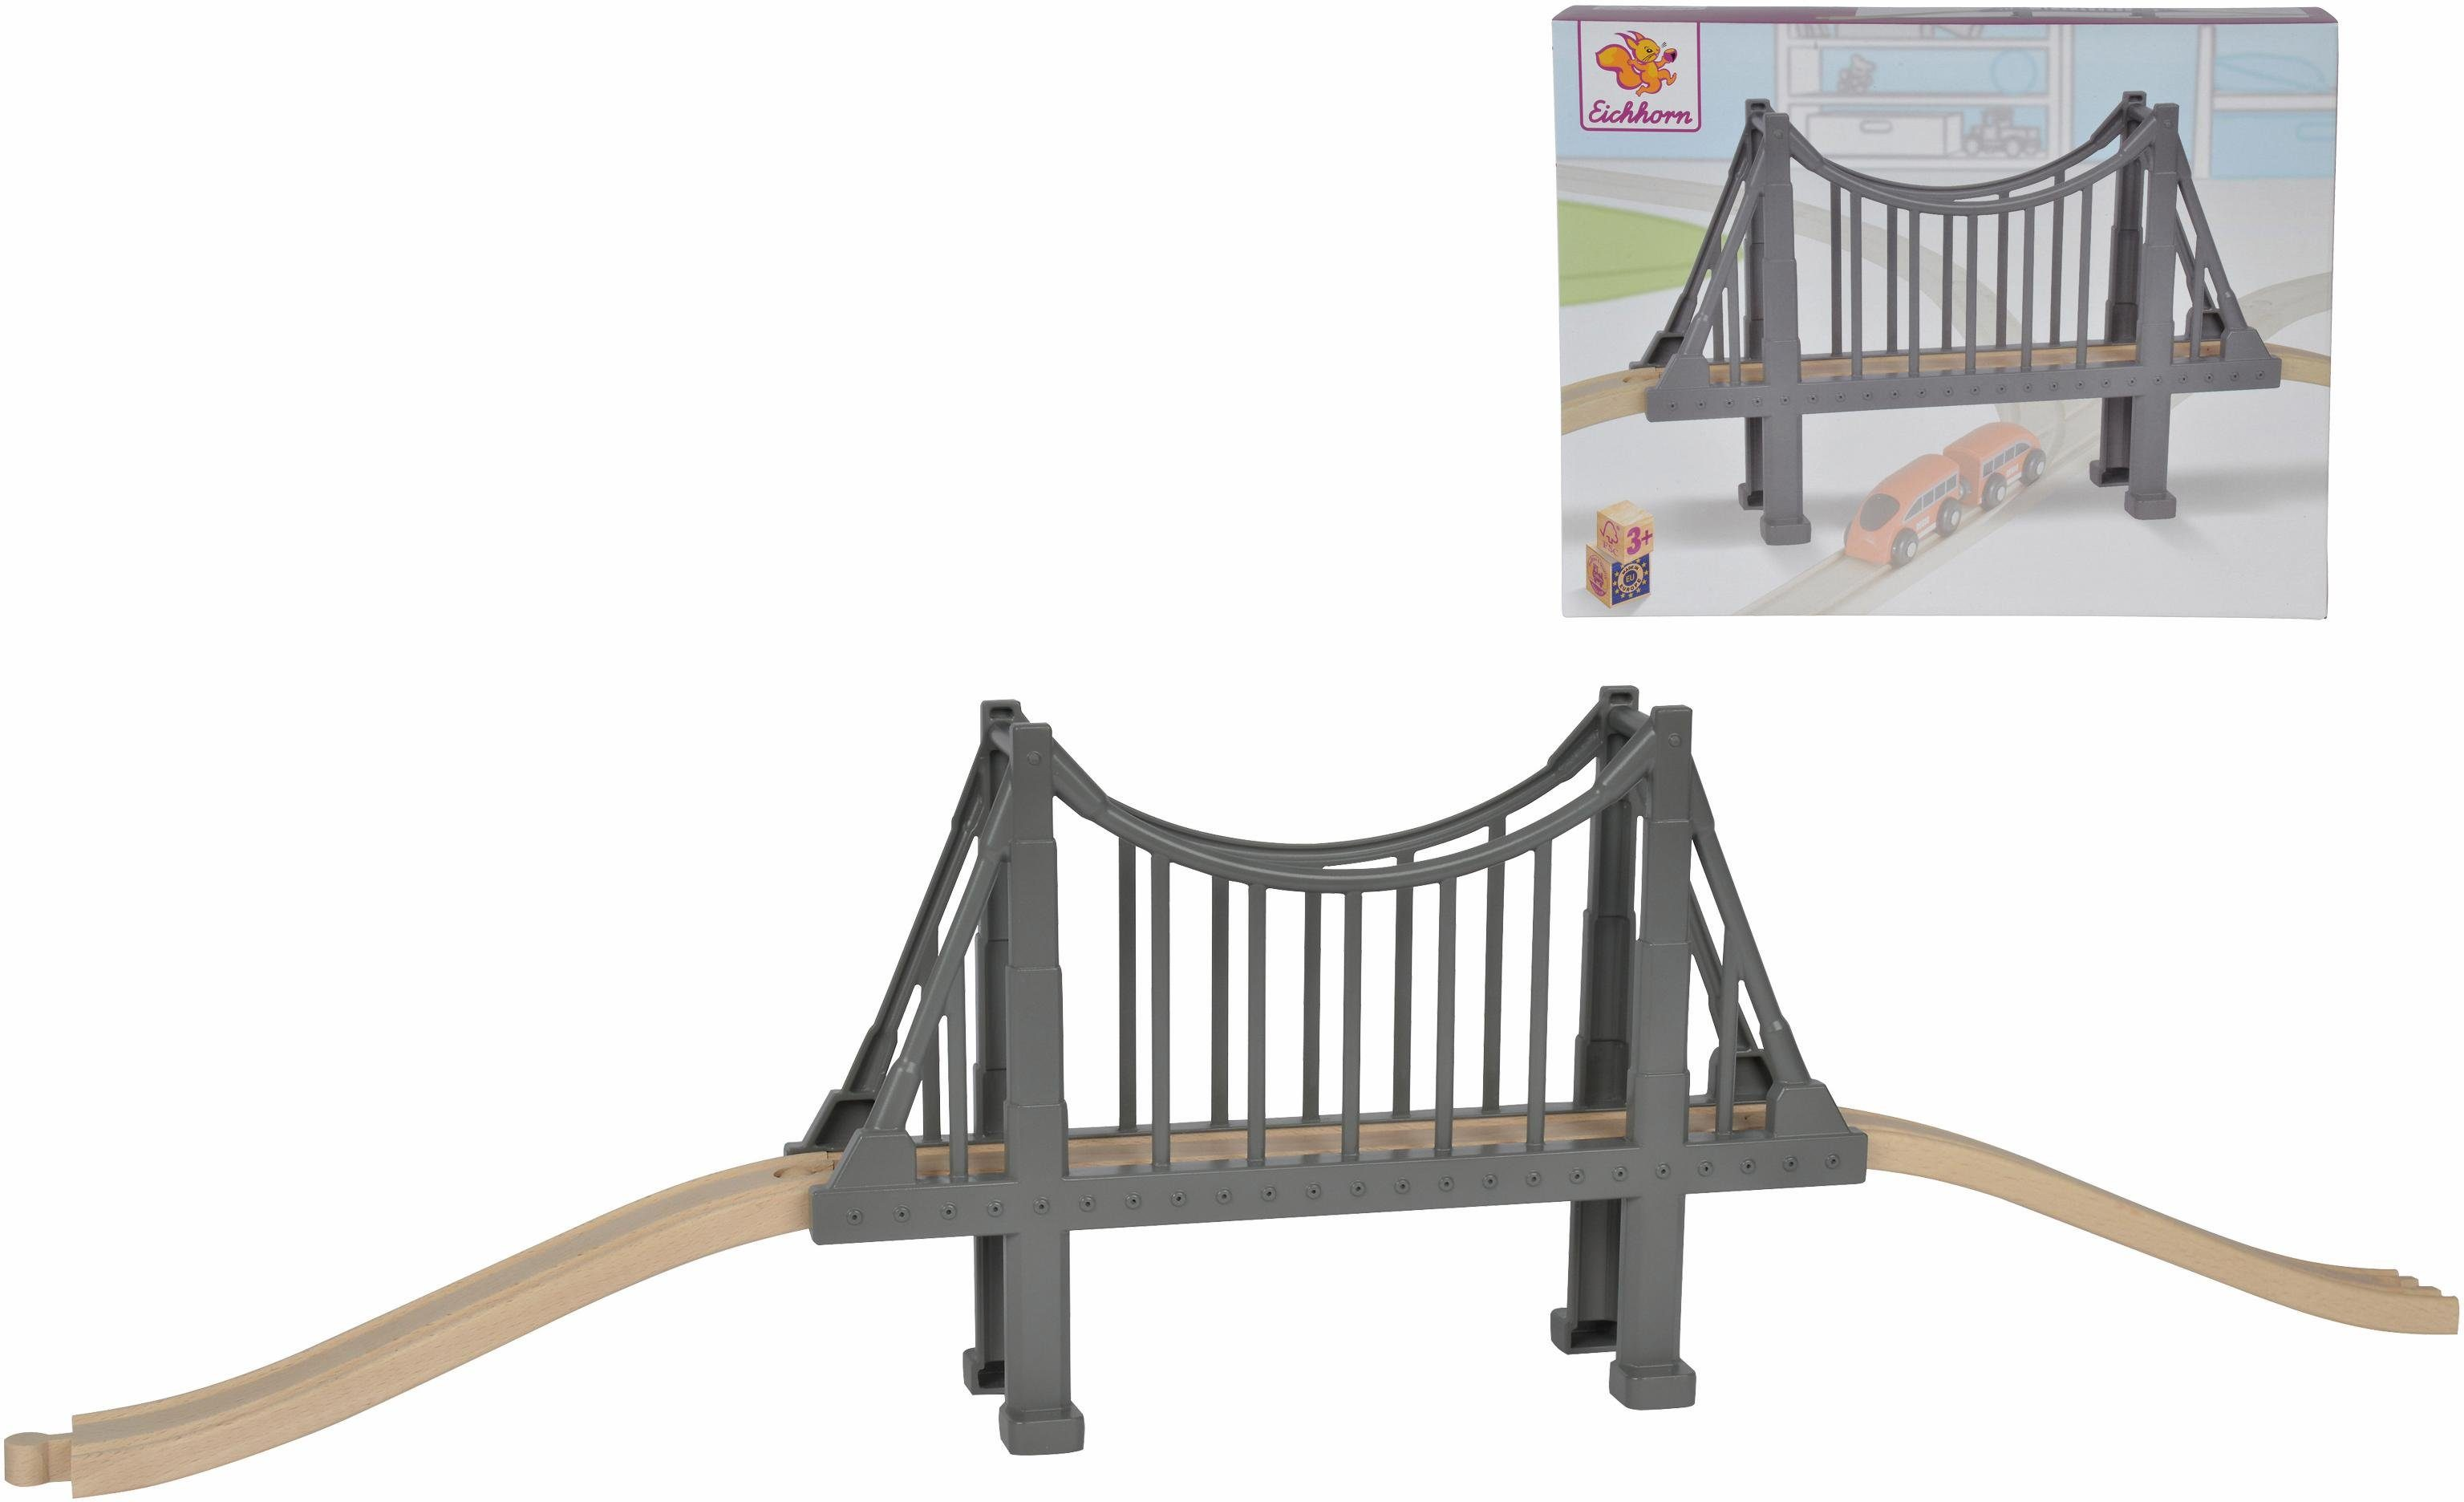 Eichhorn Schienenbahnset aus Holz, »Hängebrücke, 3-tlg.«